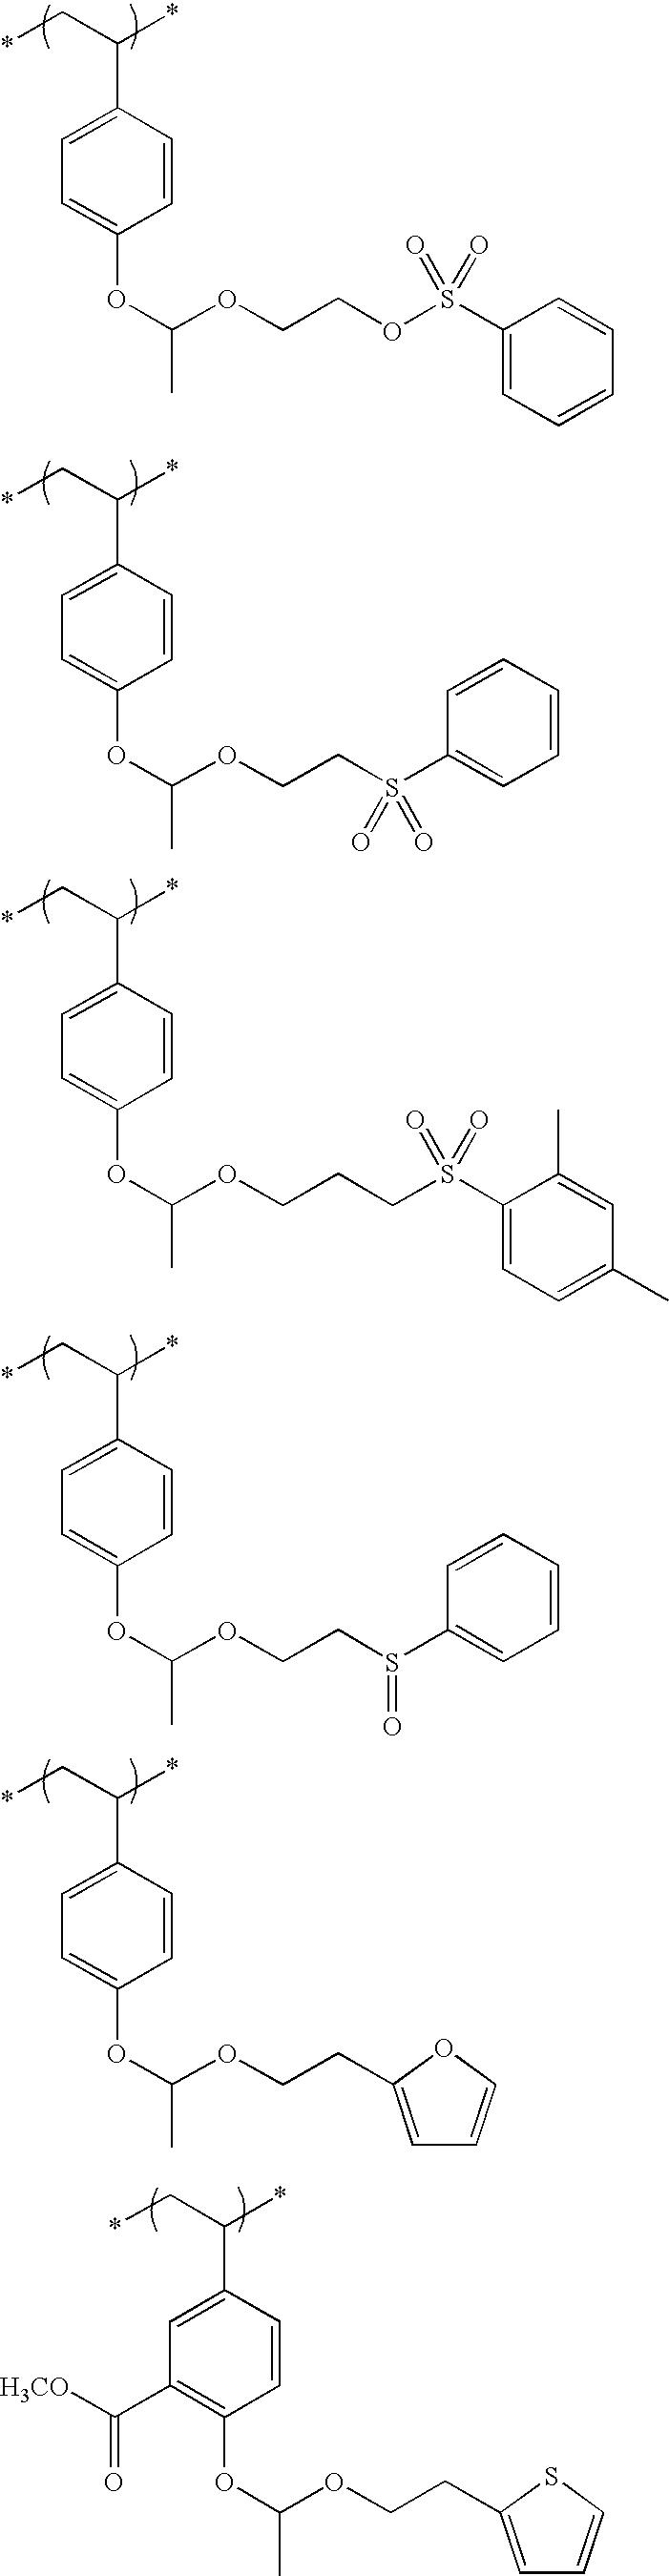 Figure US08852845-20141007-C00096